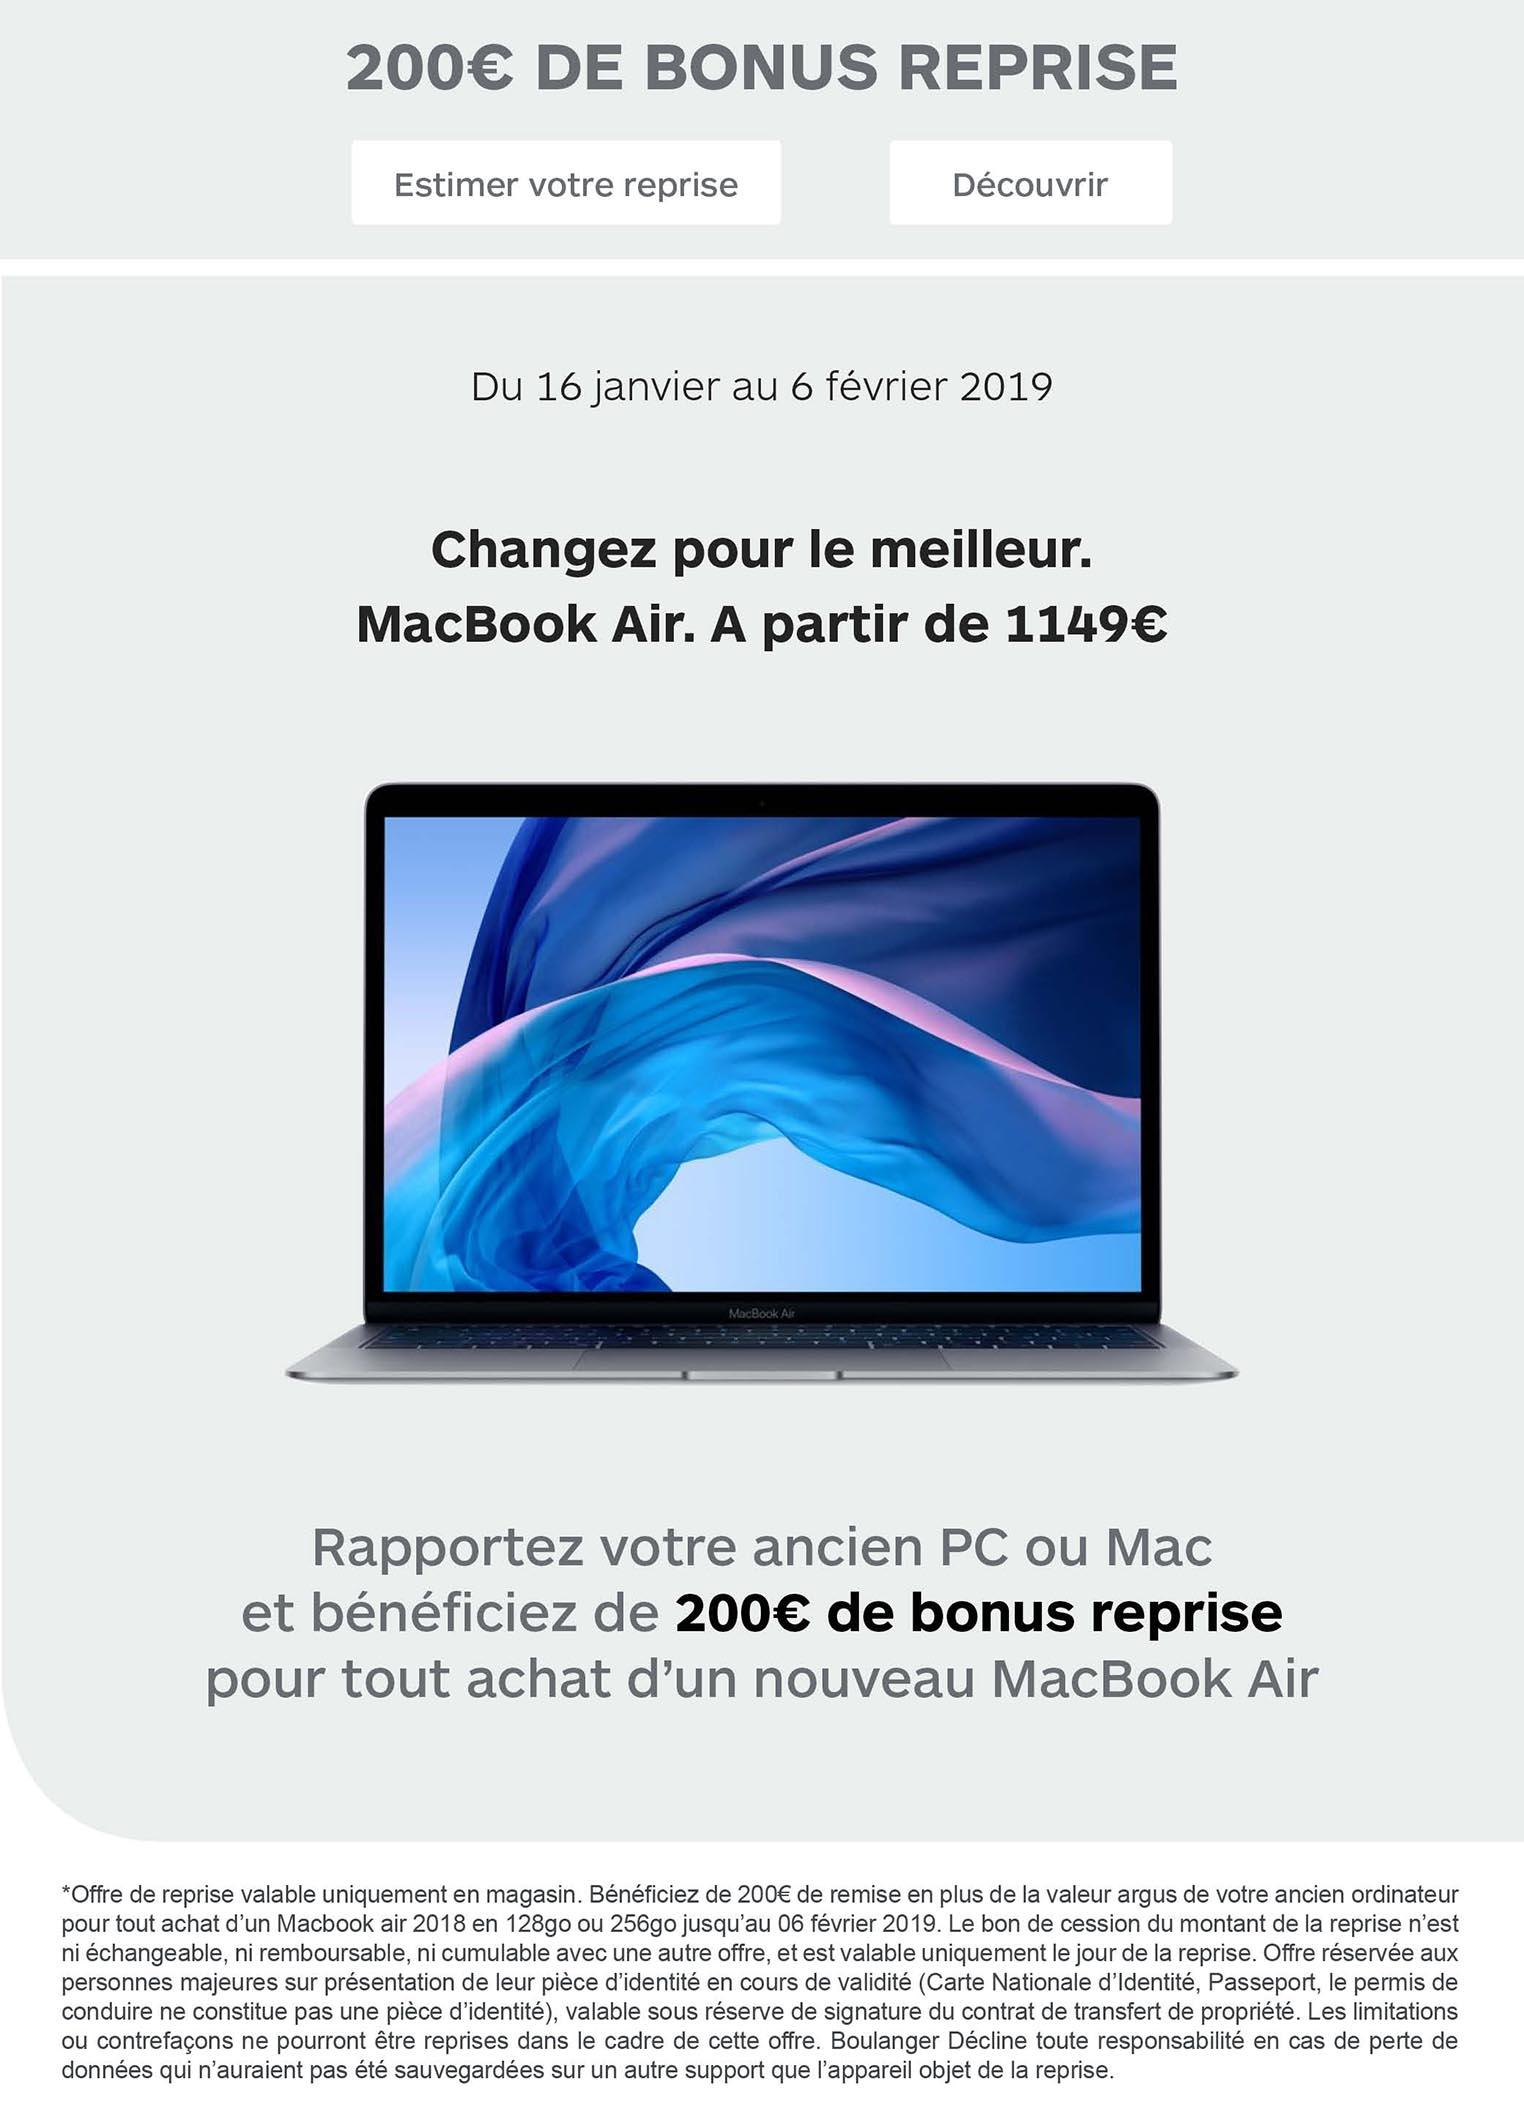 Bonus reprise MacBook Air Boulanger